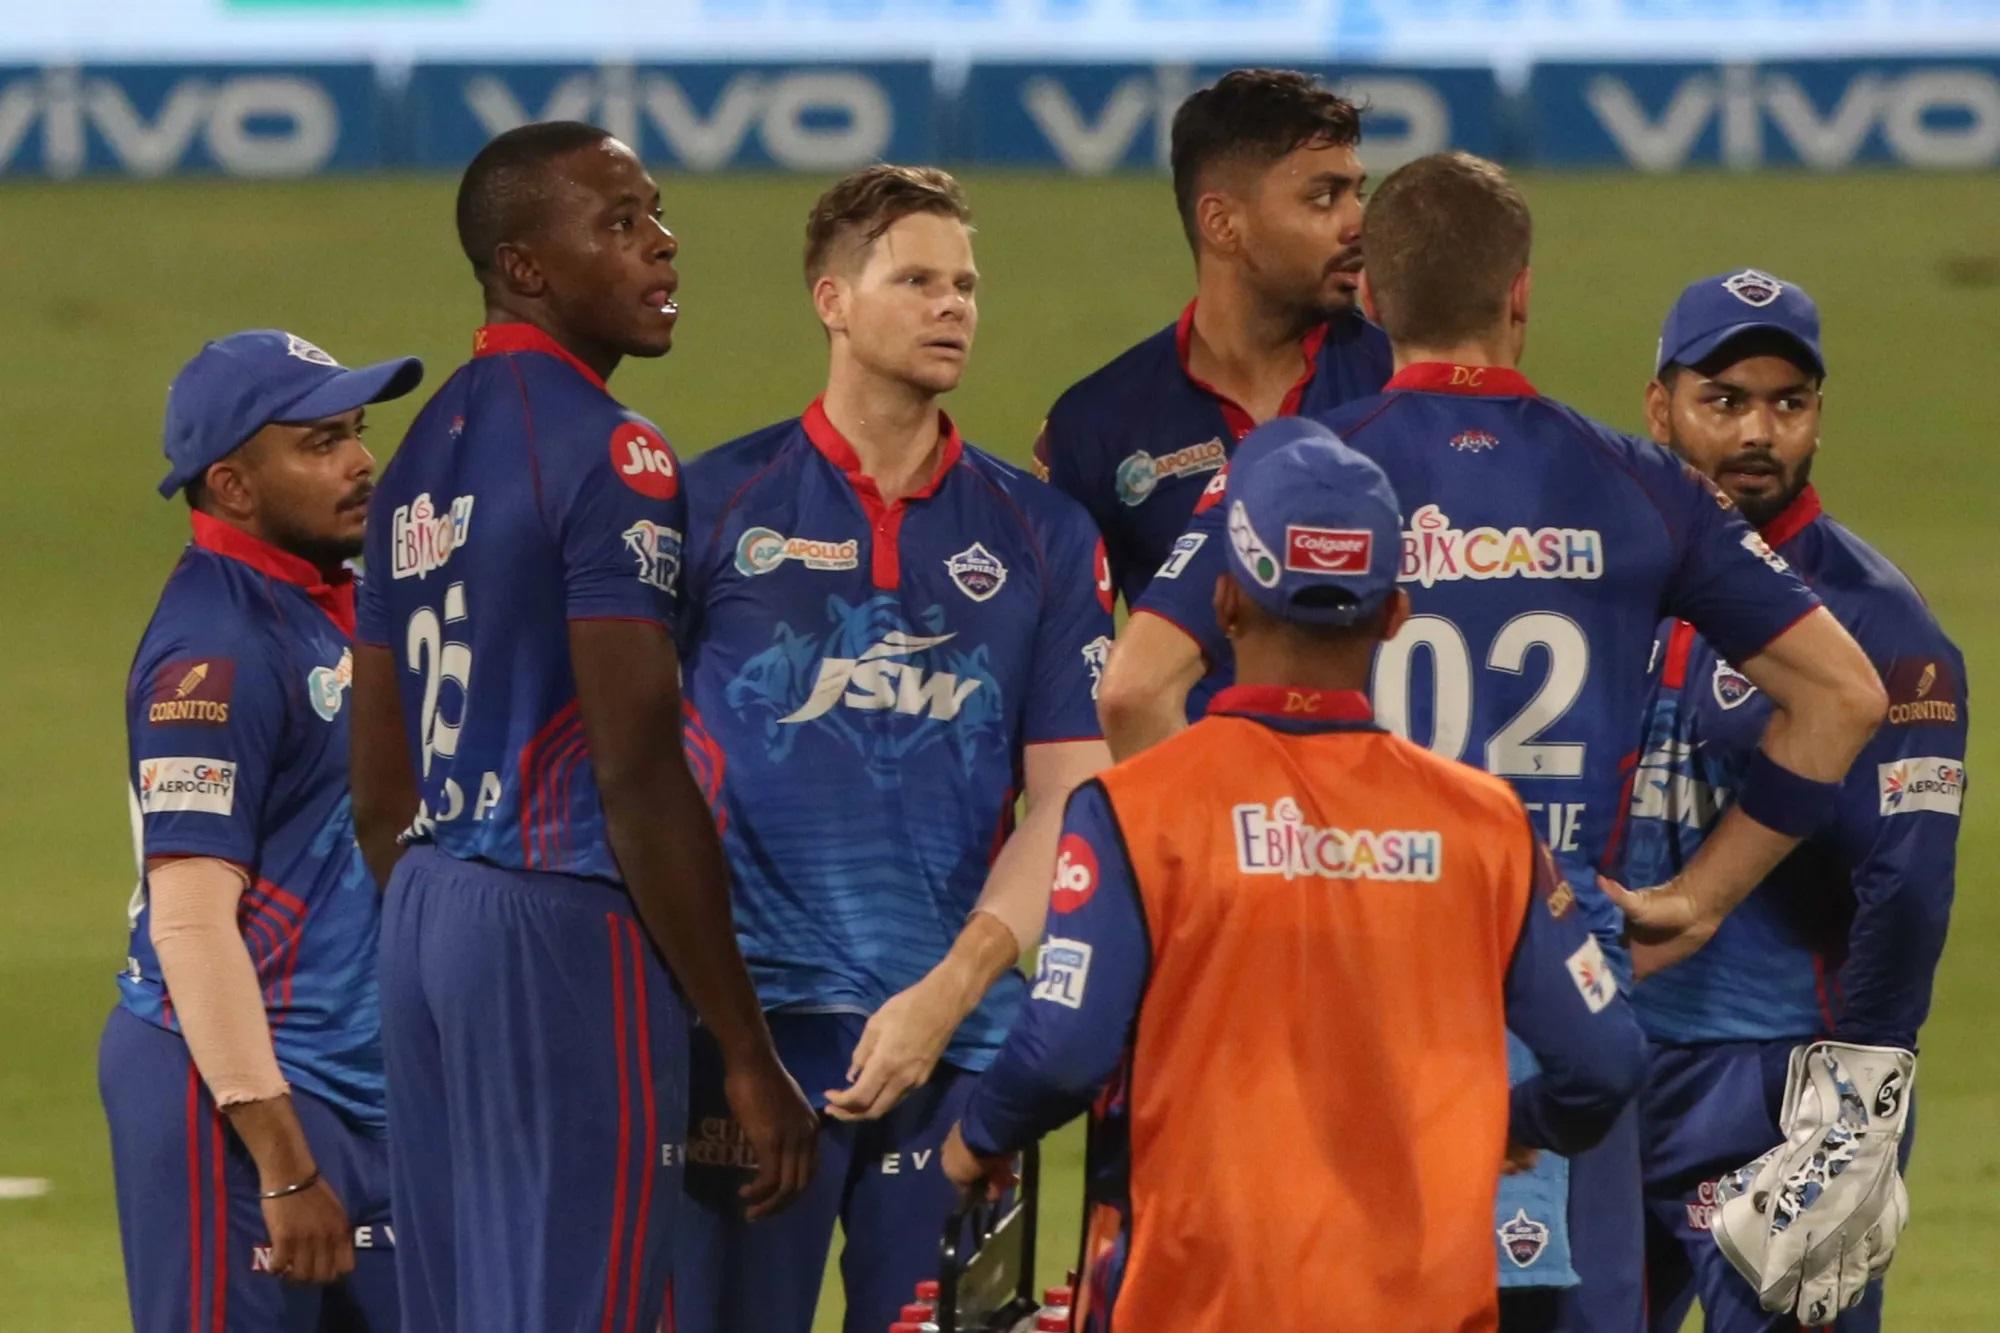 मैच शुरू होने के साथ ही ऋषभ पंत बेकरार नजर आए। वो डगआउट में लगातार बैटिंग की प्रैक्टिस करते रहे। पहली बार टाइम आउट हुआ तो क्रीज पर मौजूद दिल्ली कैपिटल्स के दोनों बल्लेबाज शिखर धवन और मार्कस स्टॉयनिस अच्छा खेल रहे थे, लेकिन पंत दोनों पैरों में पैड पहने मैदान पर चले हुए आ गए। पीछे-पीछे रिकी पोंटिंग आए। पंत बैट्समैन से बात करने लगे।